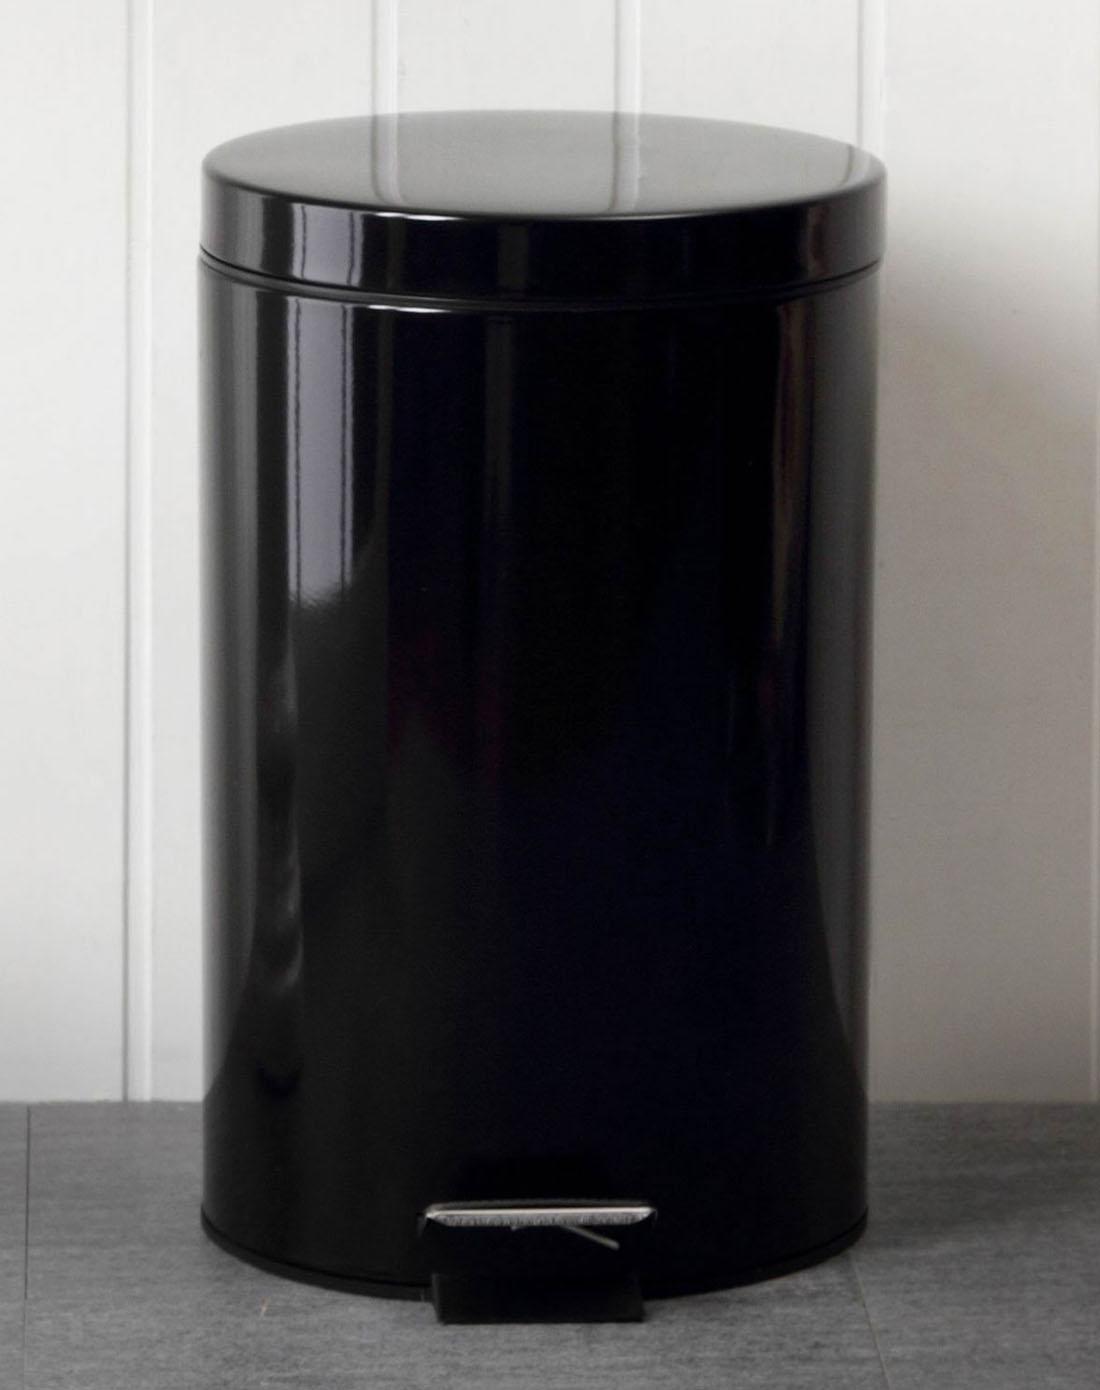 12升黑色烤漆垃圾桶耐脏特别版